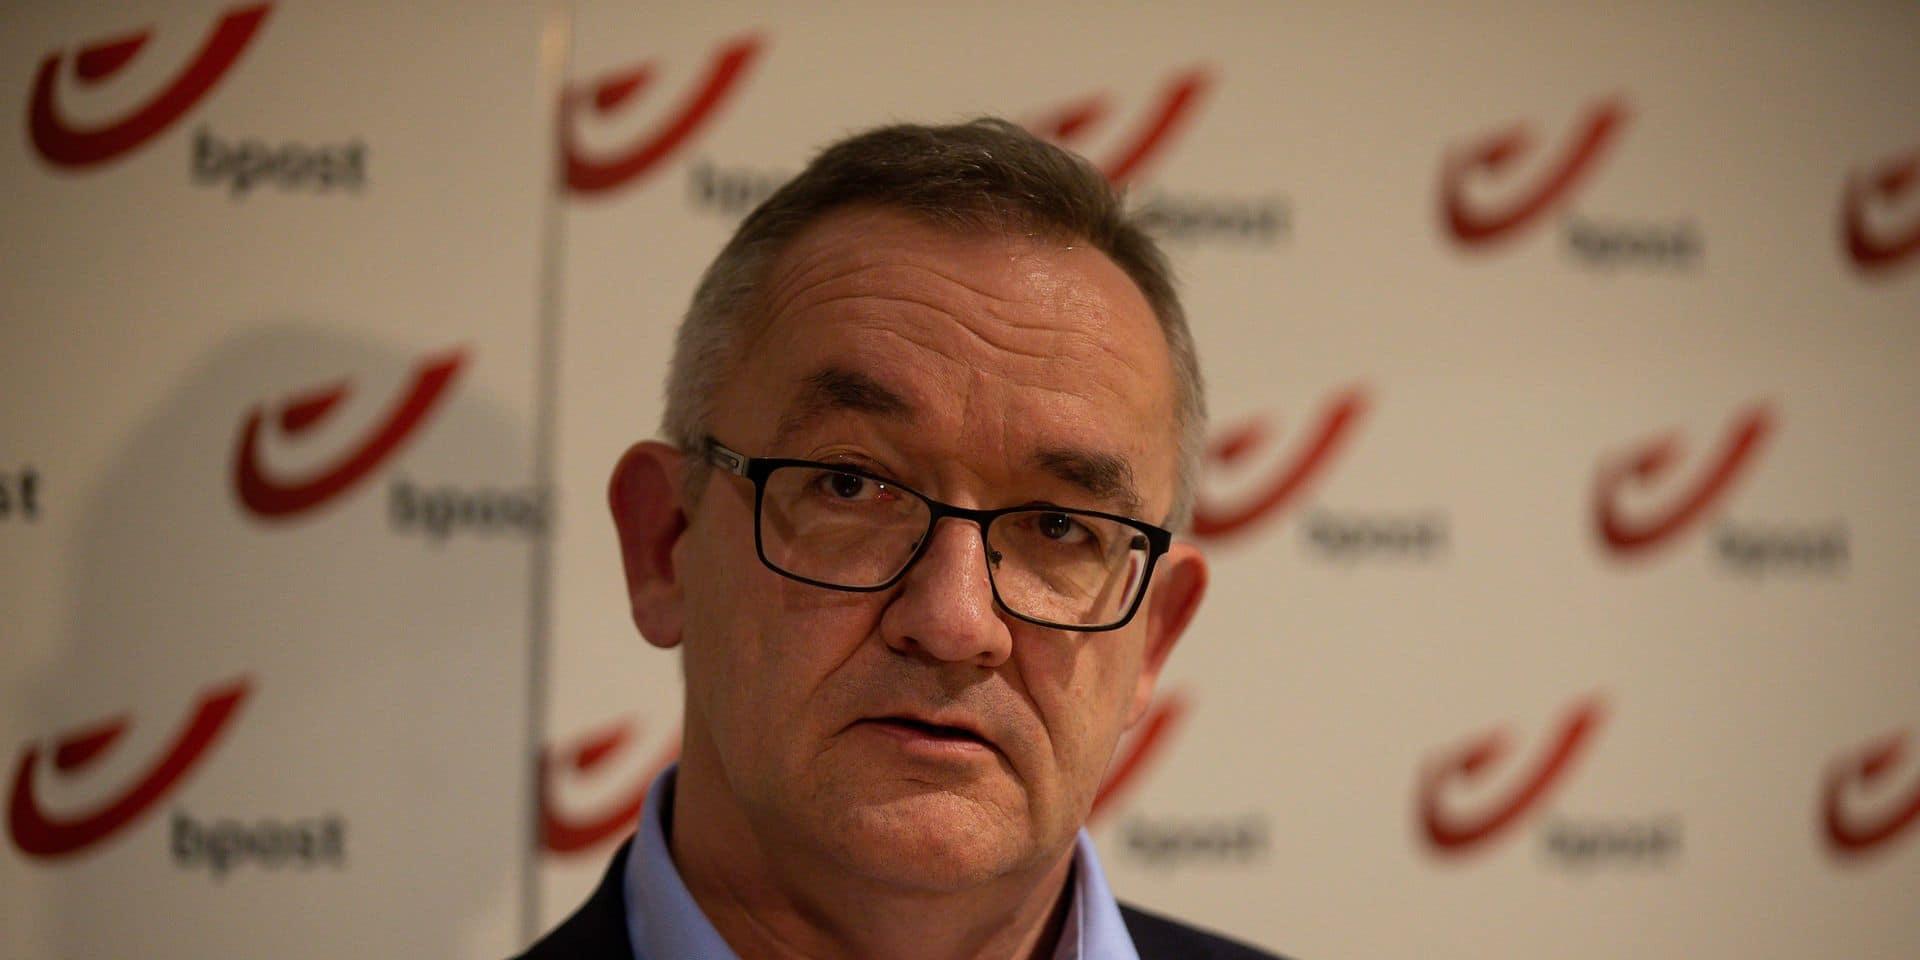 Manque de compétence, d'intégrité et de transparence: des administrateurs de Bpost souhaitent la démission du CEO Van Avermaet